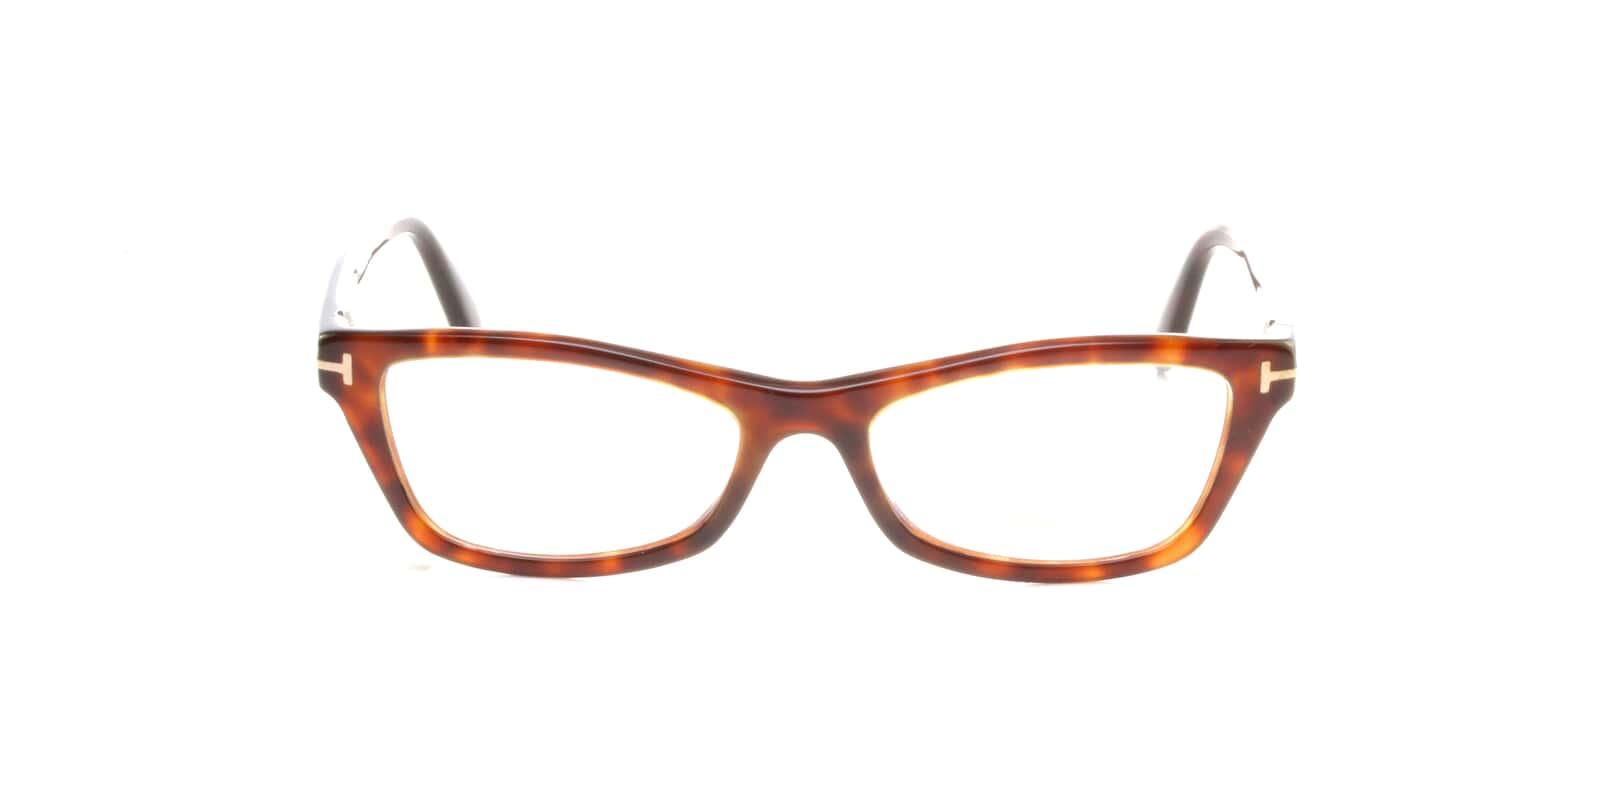 cbab53191601 Buy Tom Ford TF5265 052 (51) Glasses